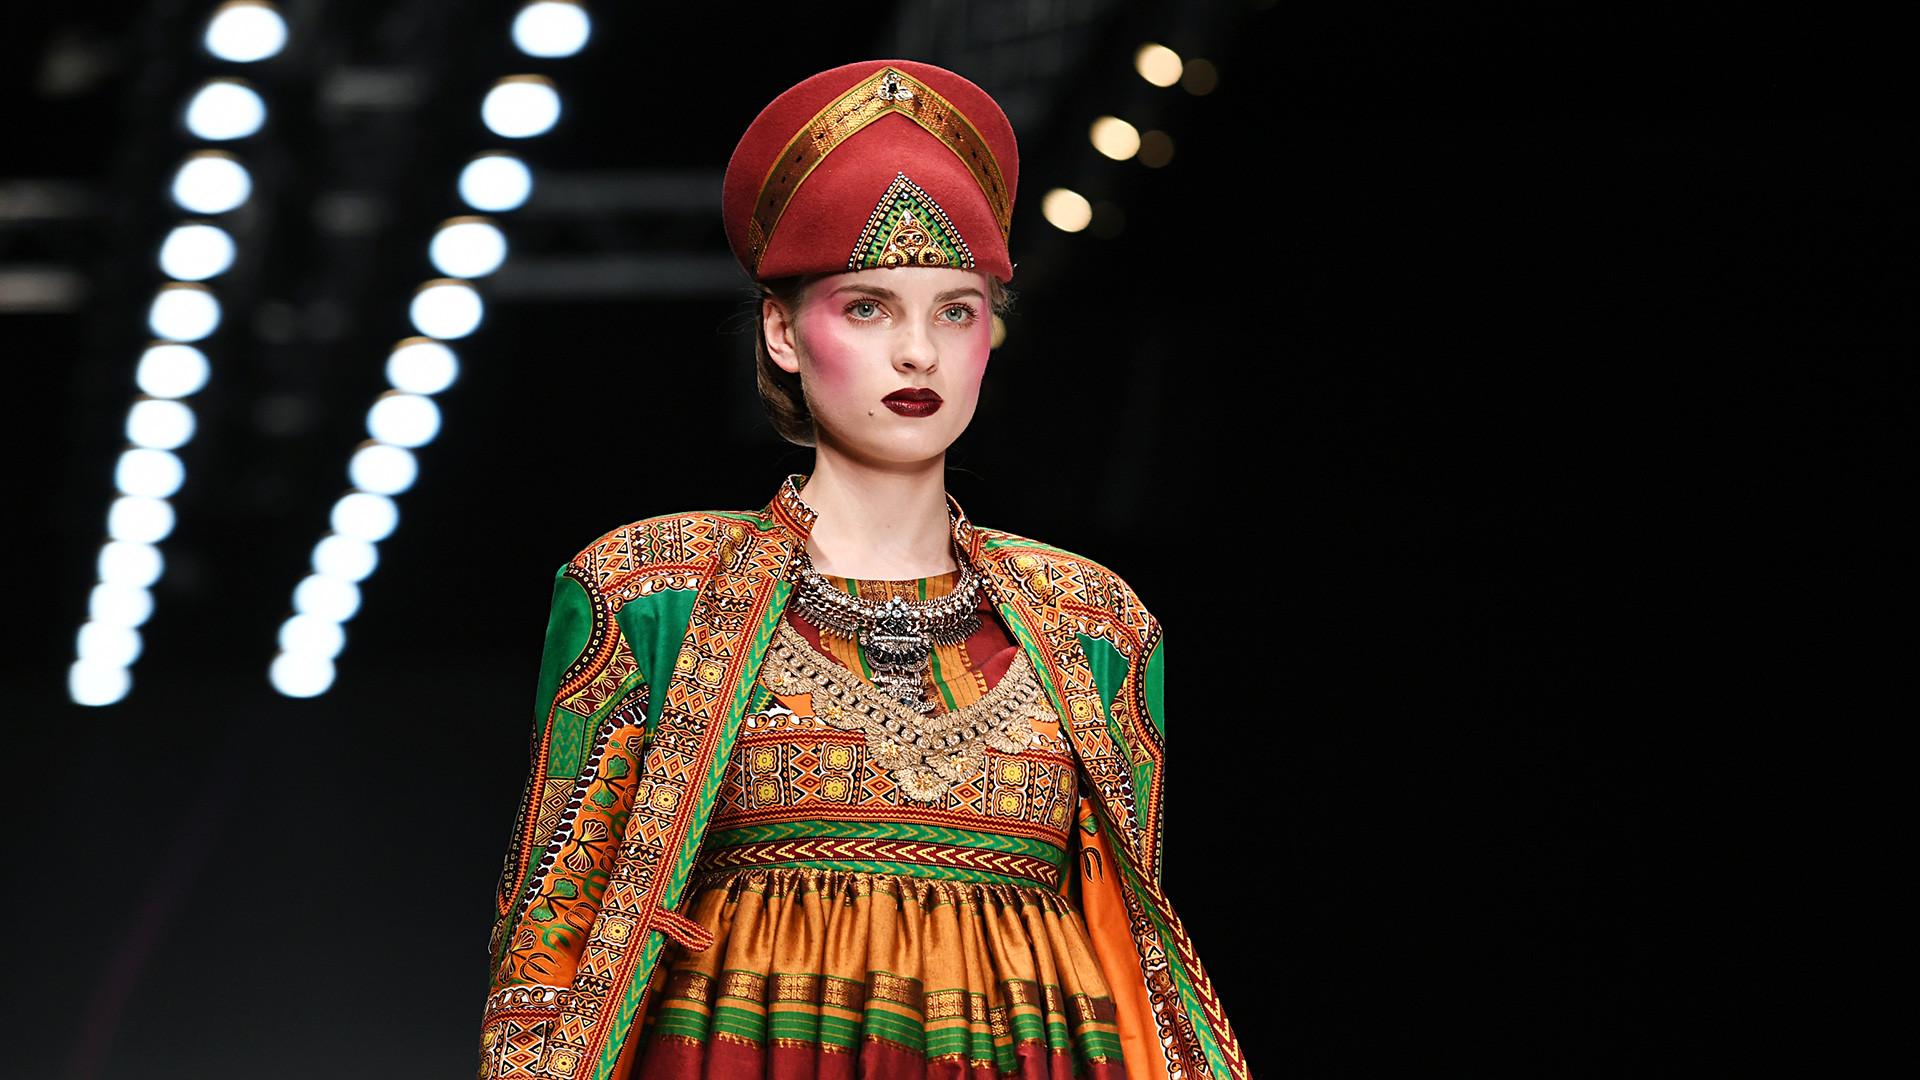 Dix Crateurs De Mode En Russie Dont Les Motifs Ethniques -9768